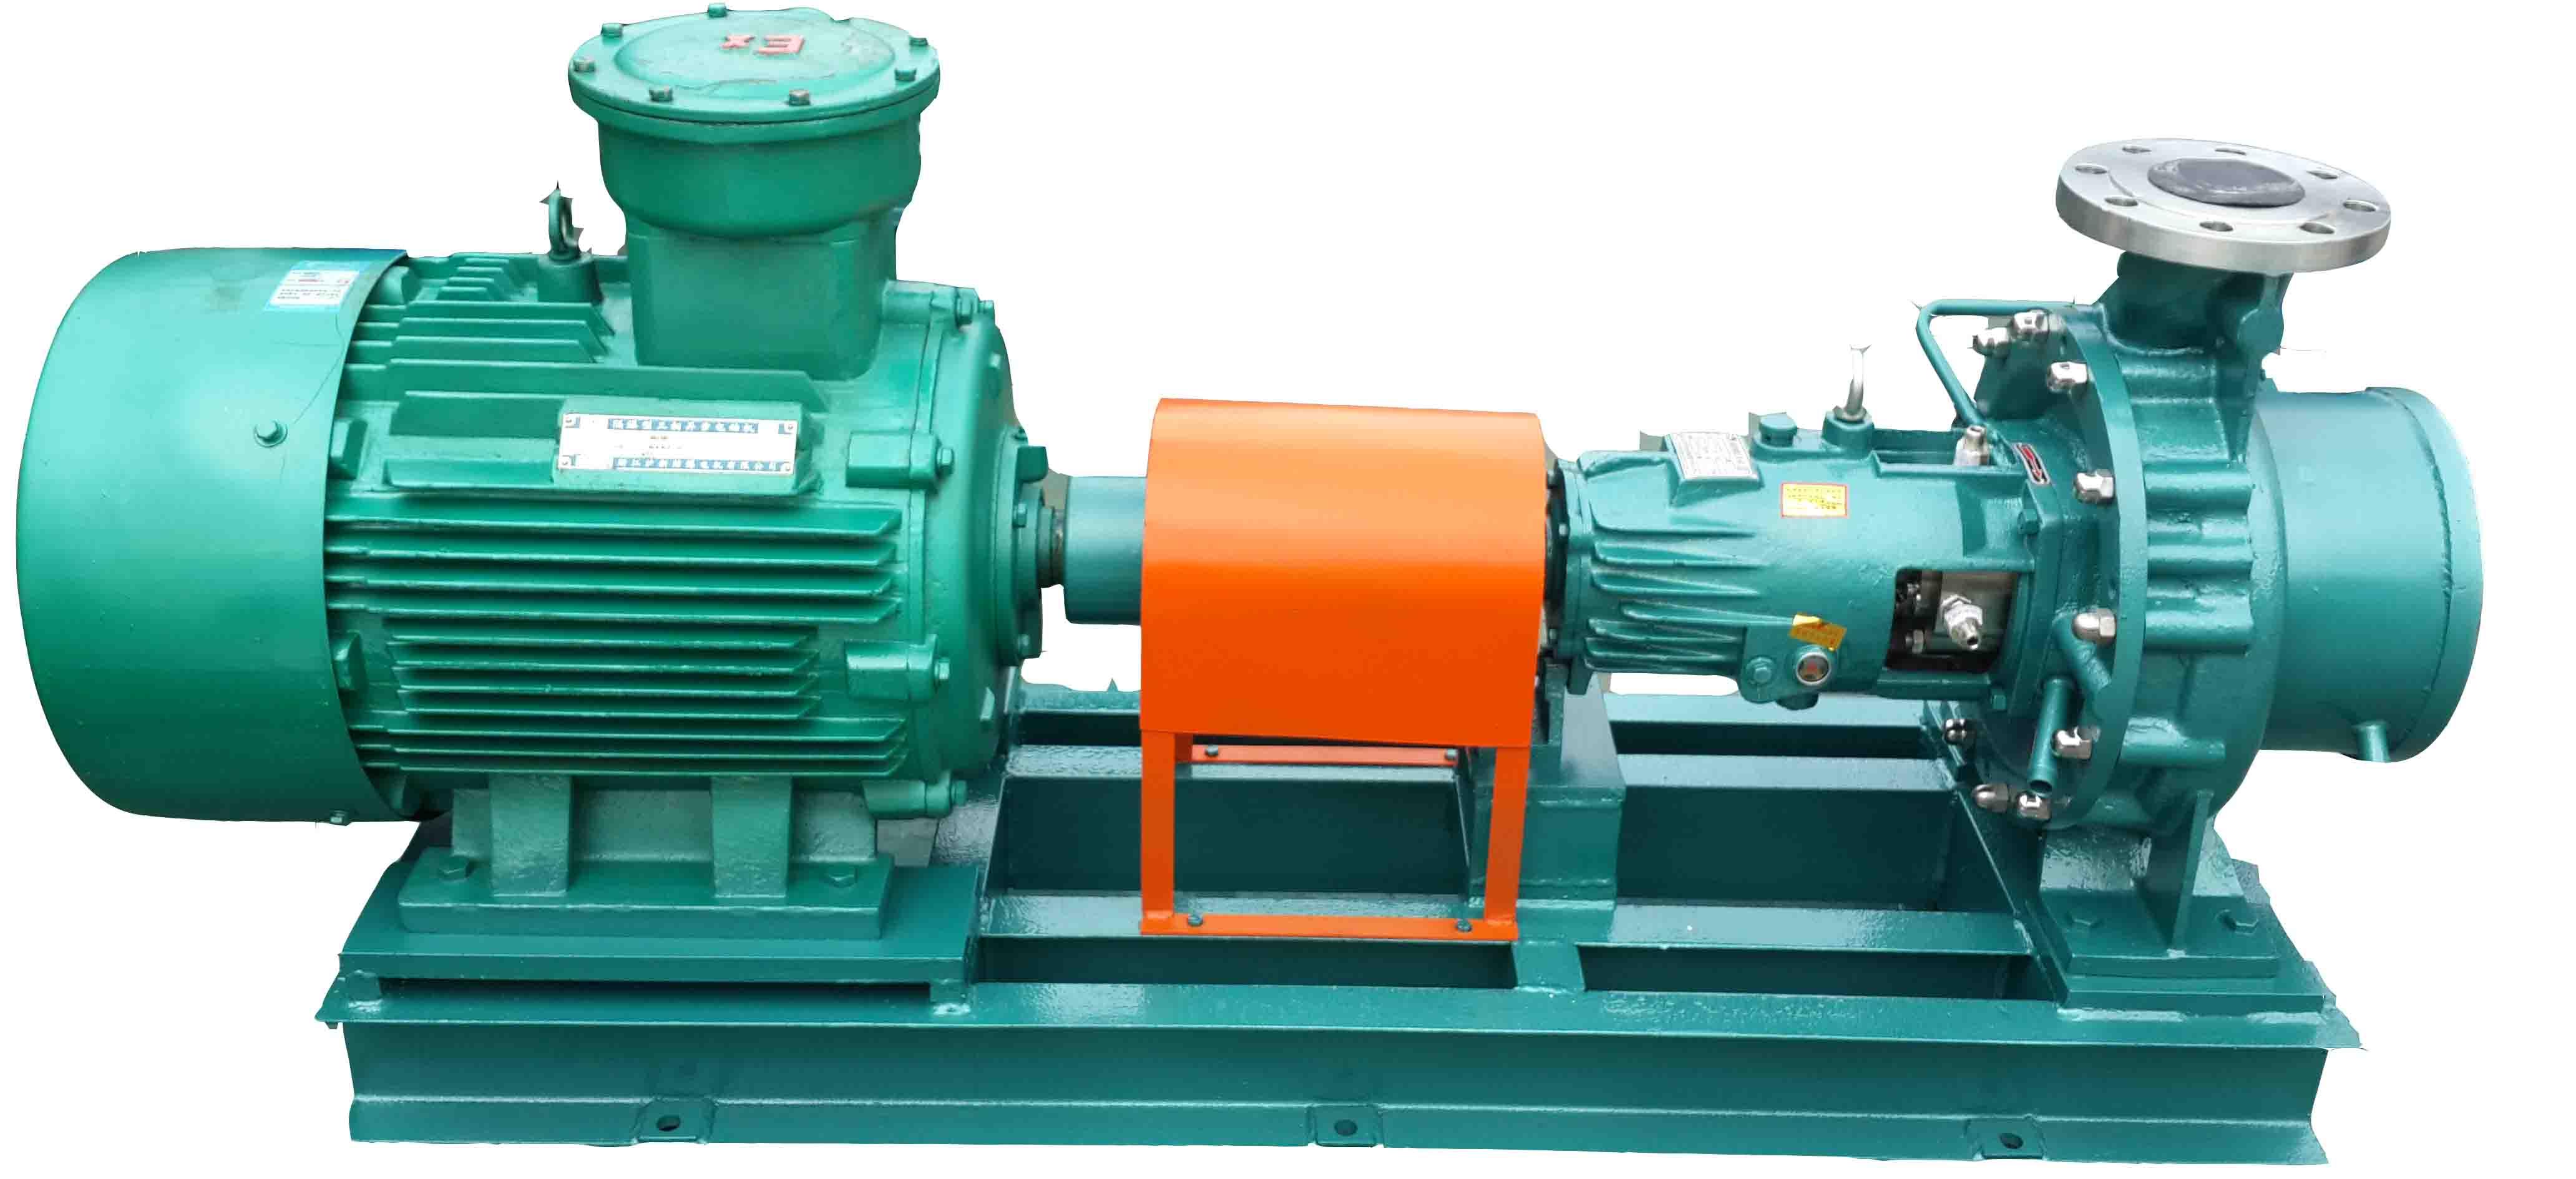 【煙臺通用】石油化工流程泵 煙臺泵業 耐腐蝕泵廠家